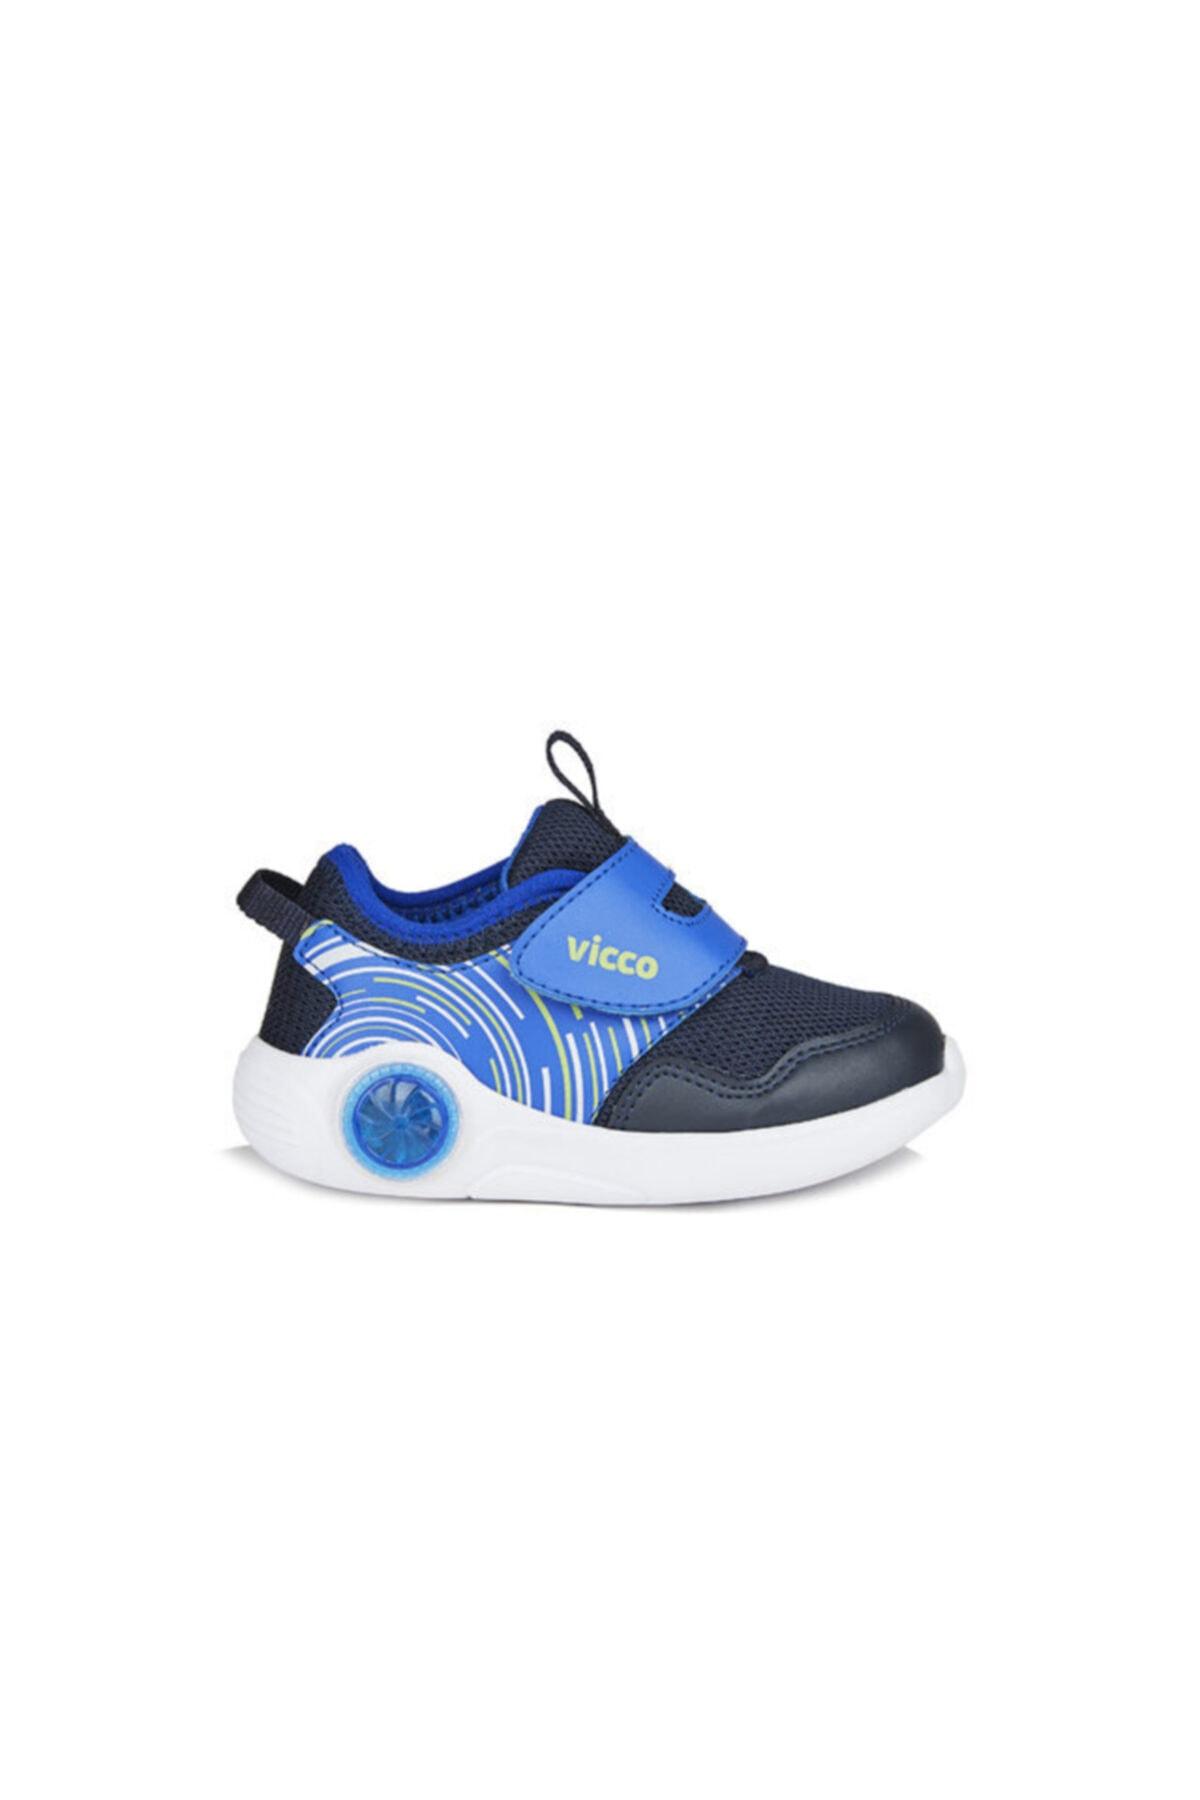 Vicco Jojo Erkek Çocuk Lacivert Spor Ayakkabı 2